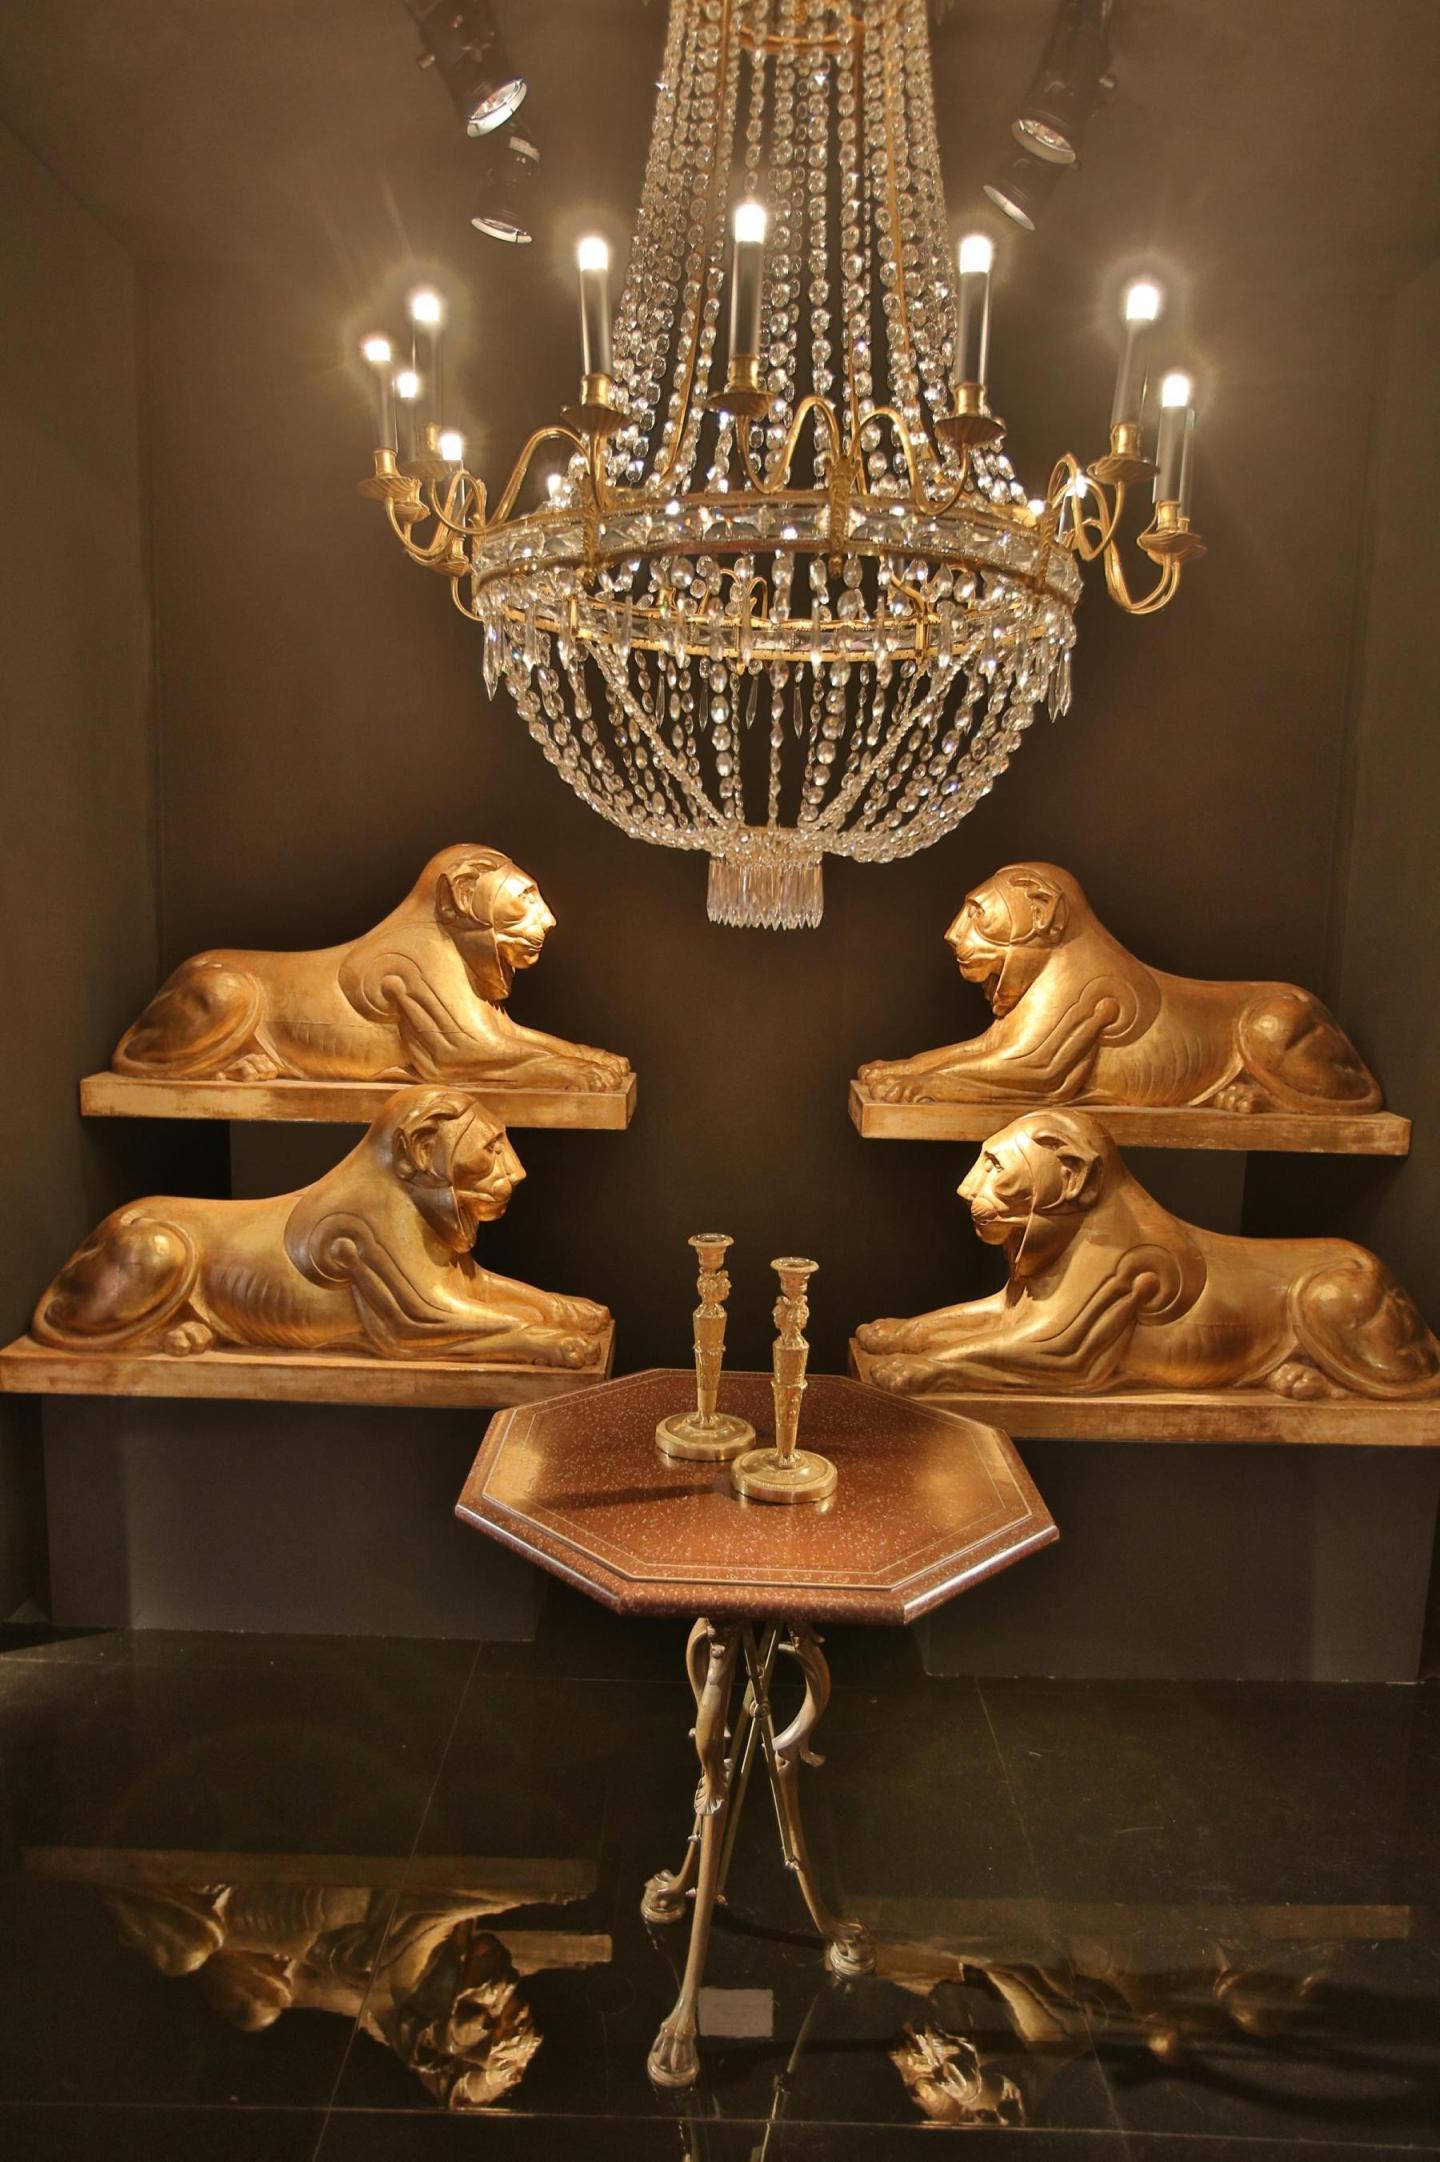 Lions en bois sculpté et doré d'après un dessin de Thomas Hope.